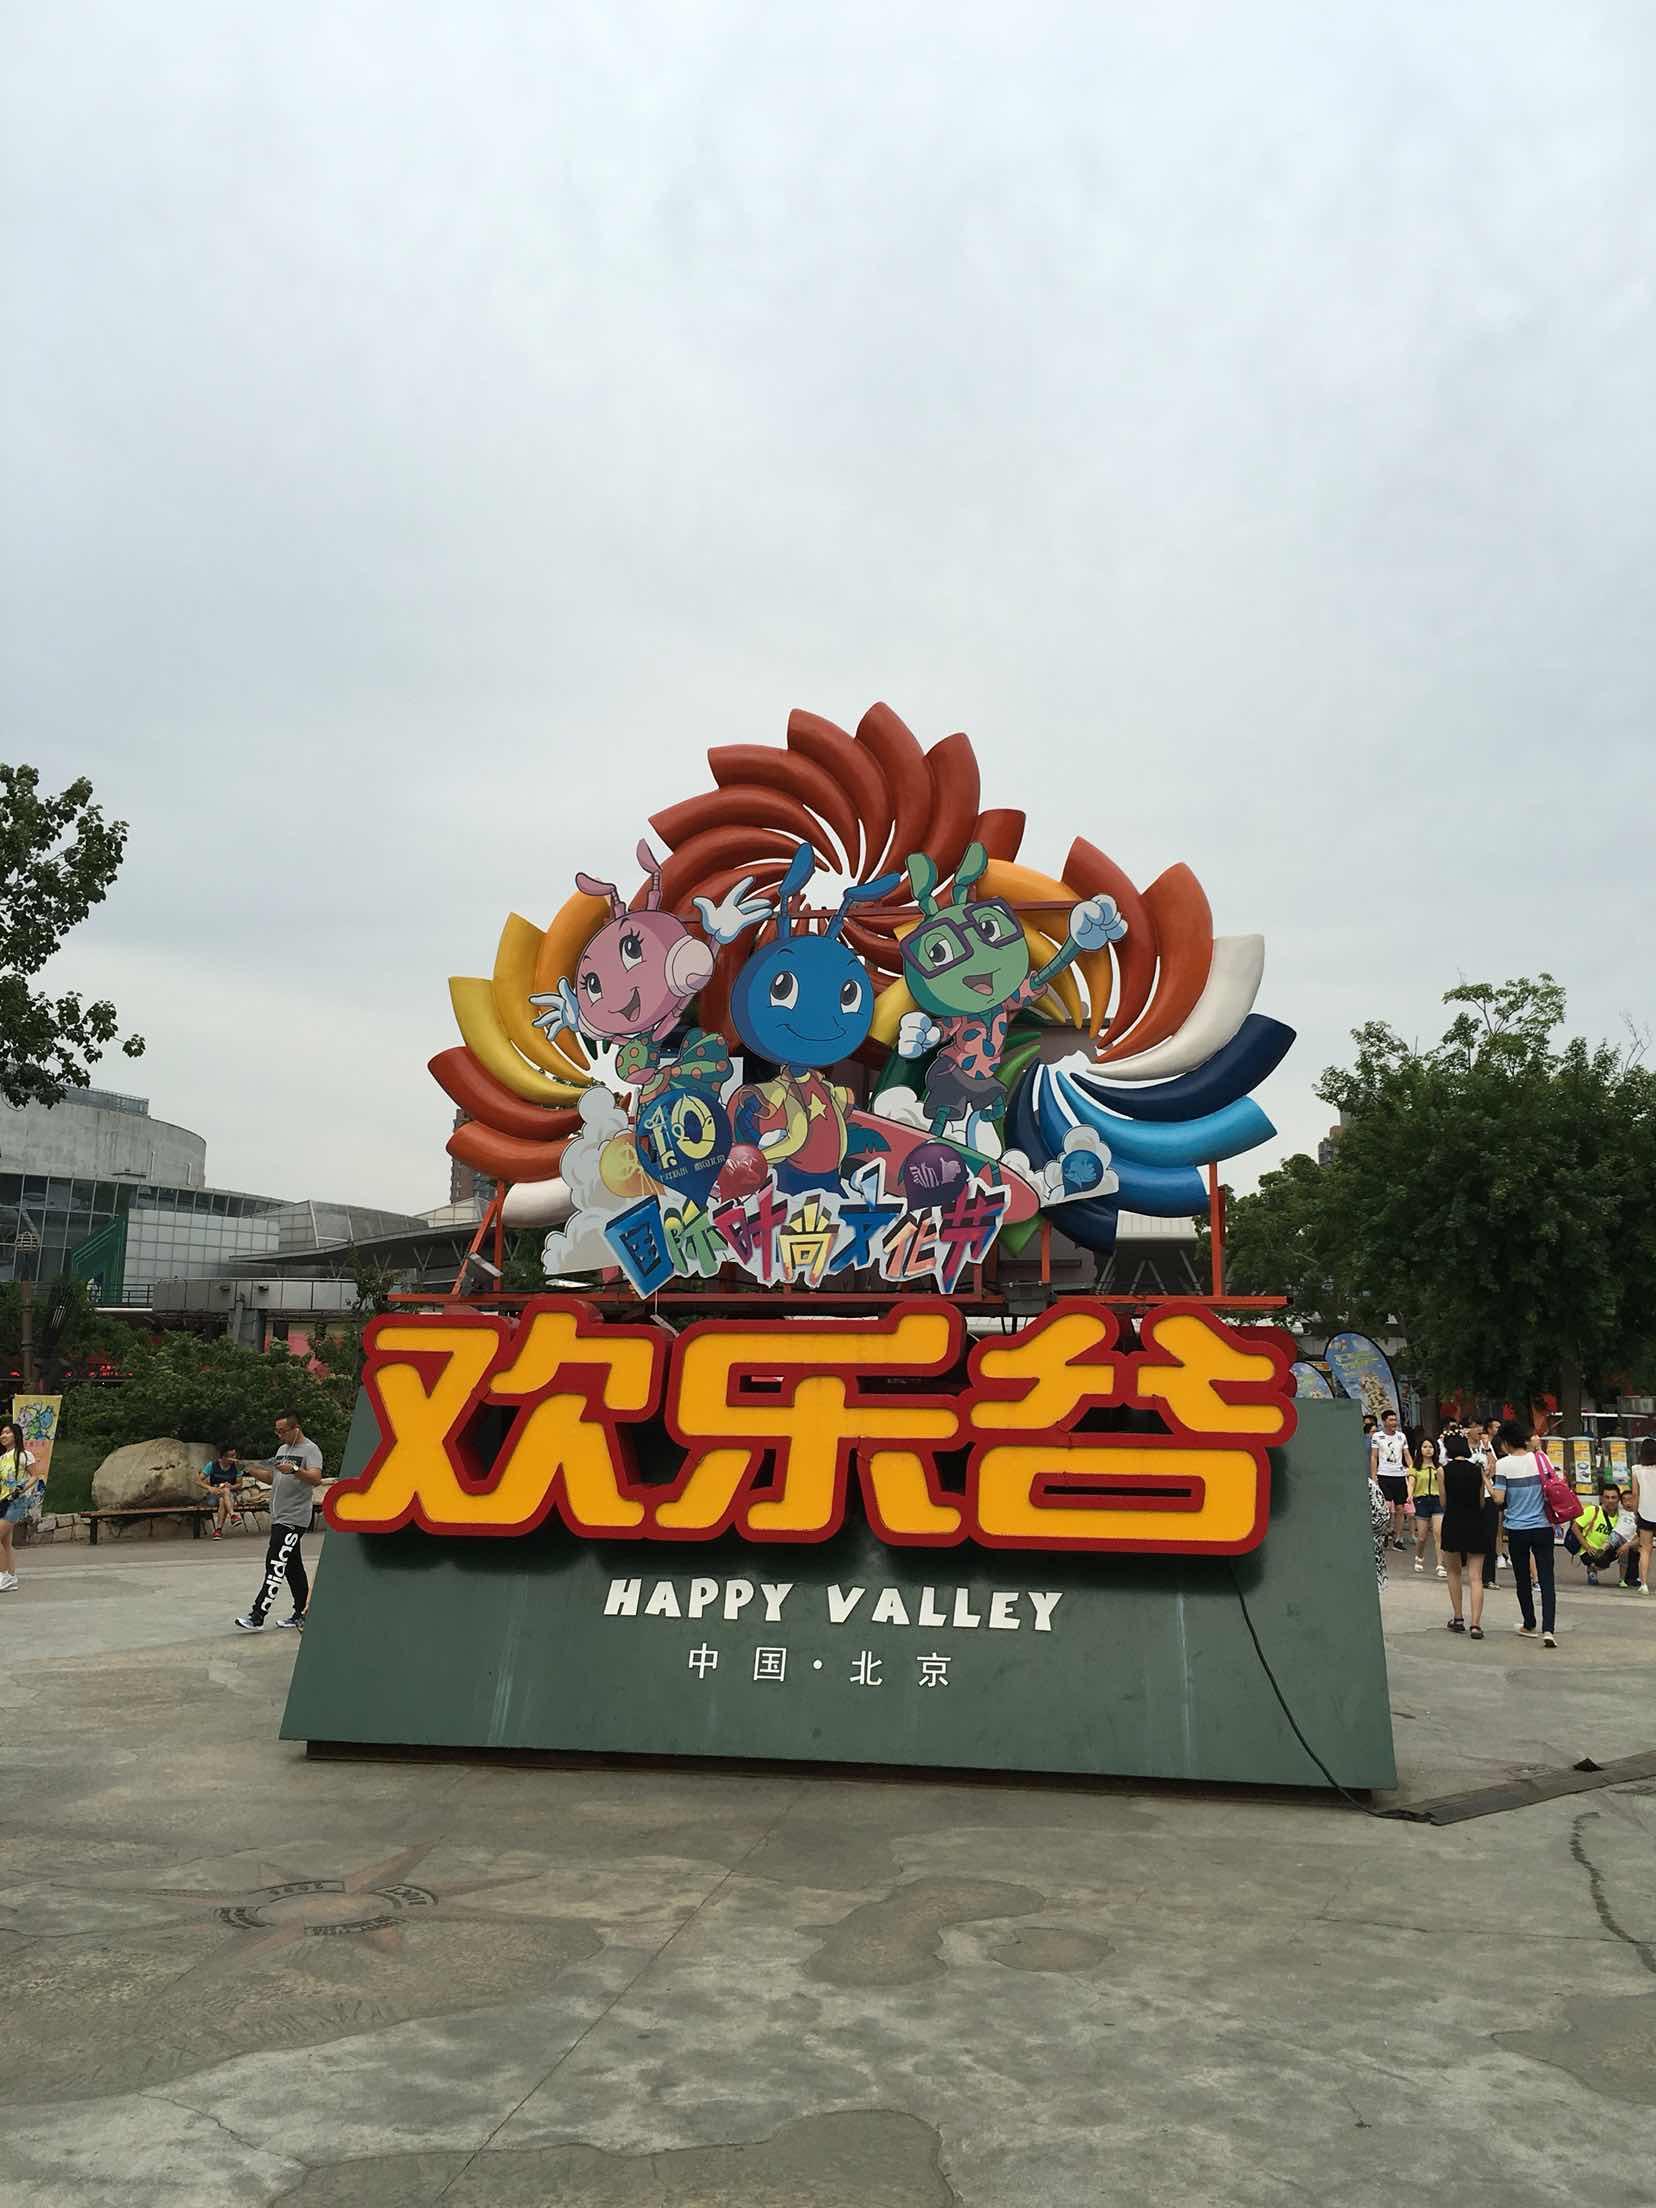 北京欢乐谷   夜场特惠票 - 父亲节(预定成功5小时后生效)【6.17-6.